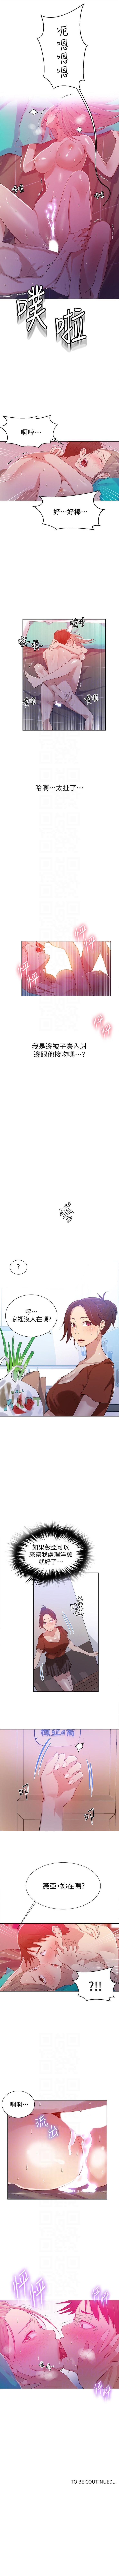 秘密教學  1-55 官方中文(連載中) 113